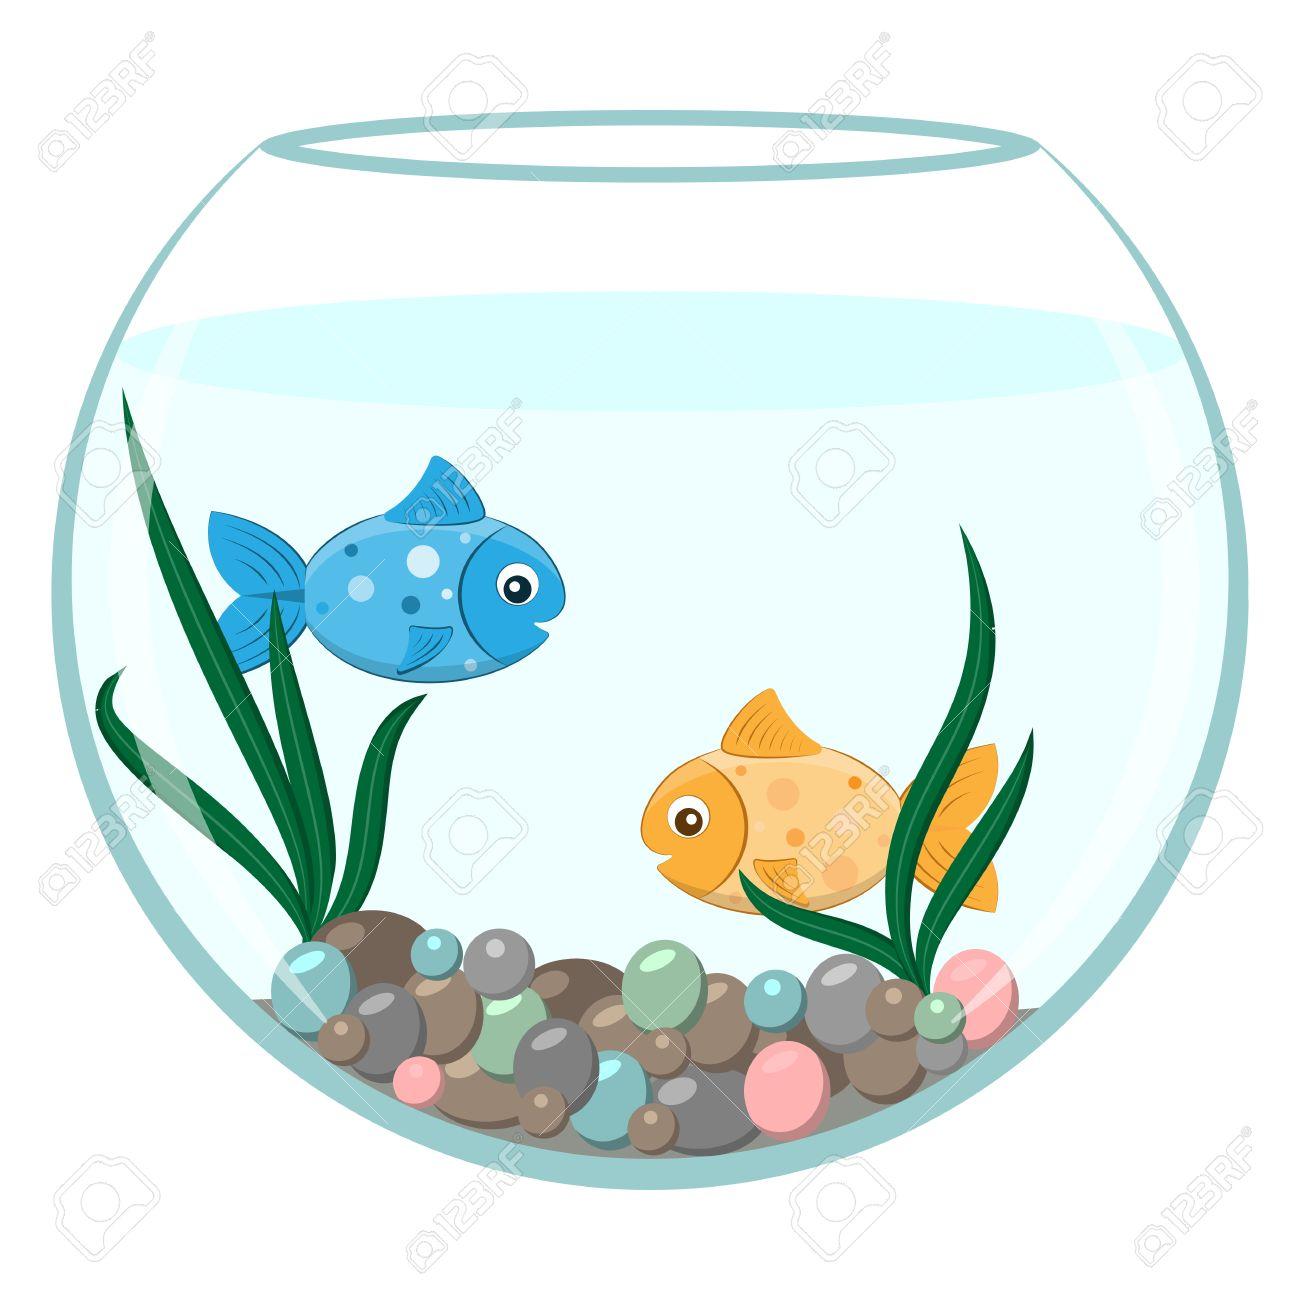 Golden And Blue Fish In The Round Aquarium Cartoon Stile